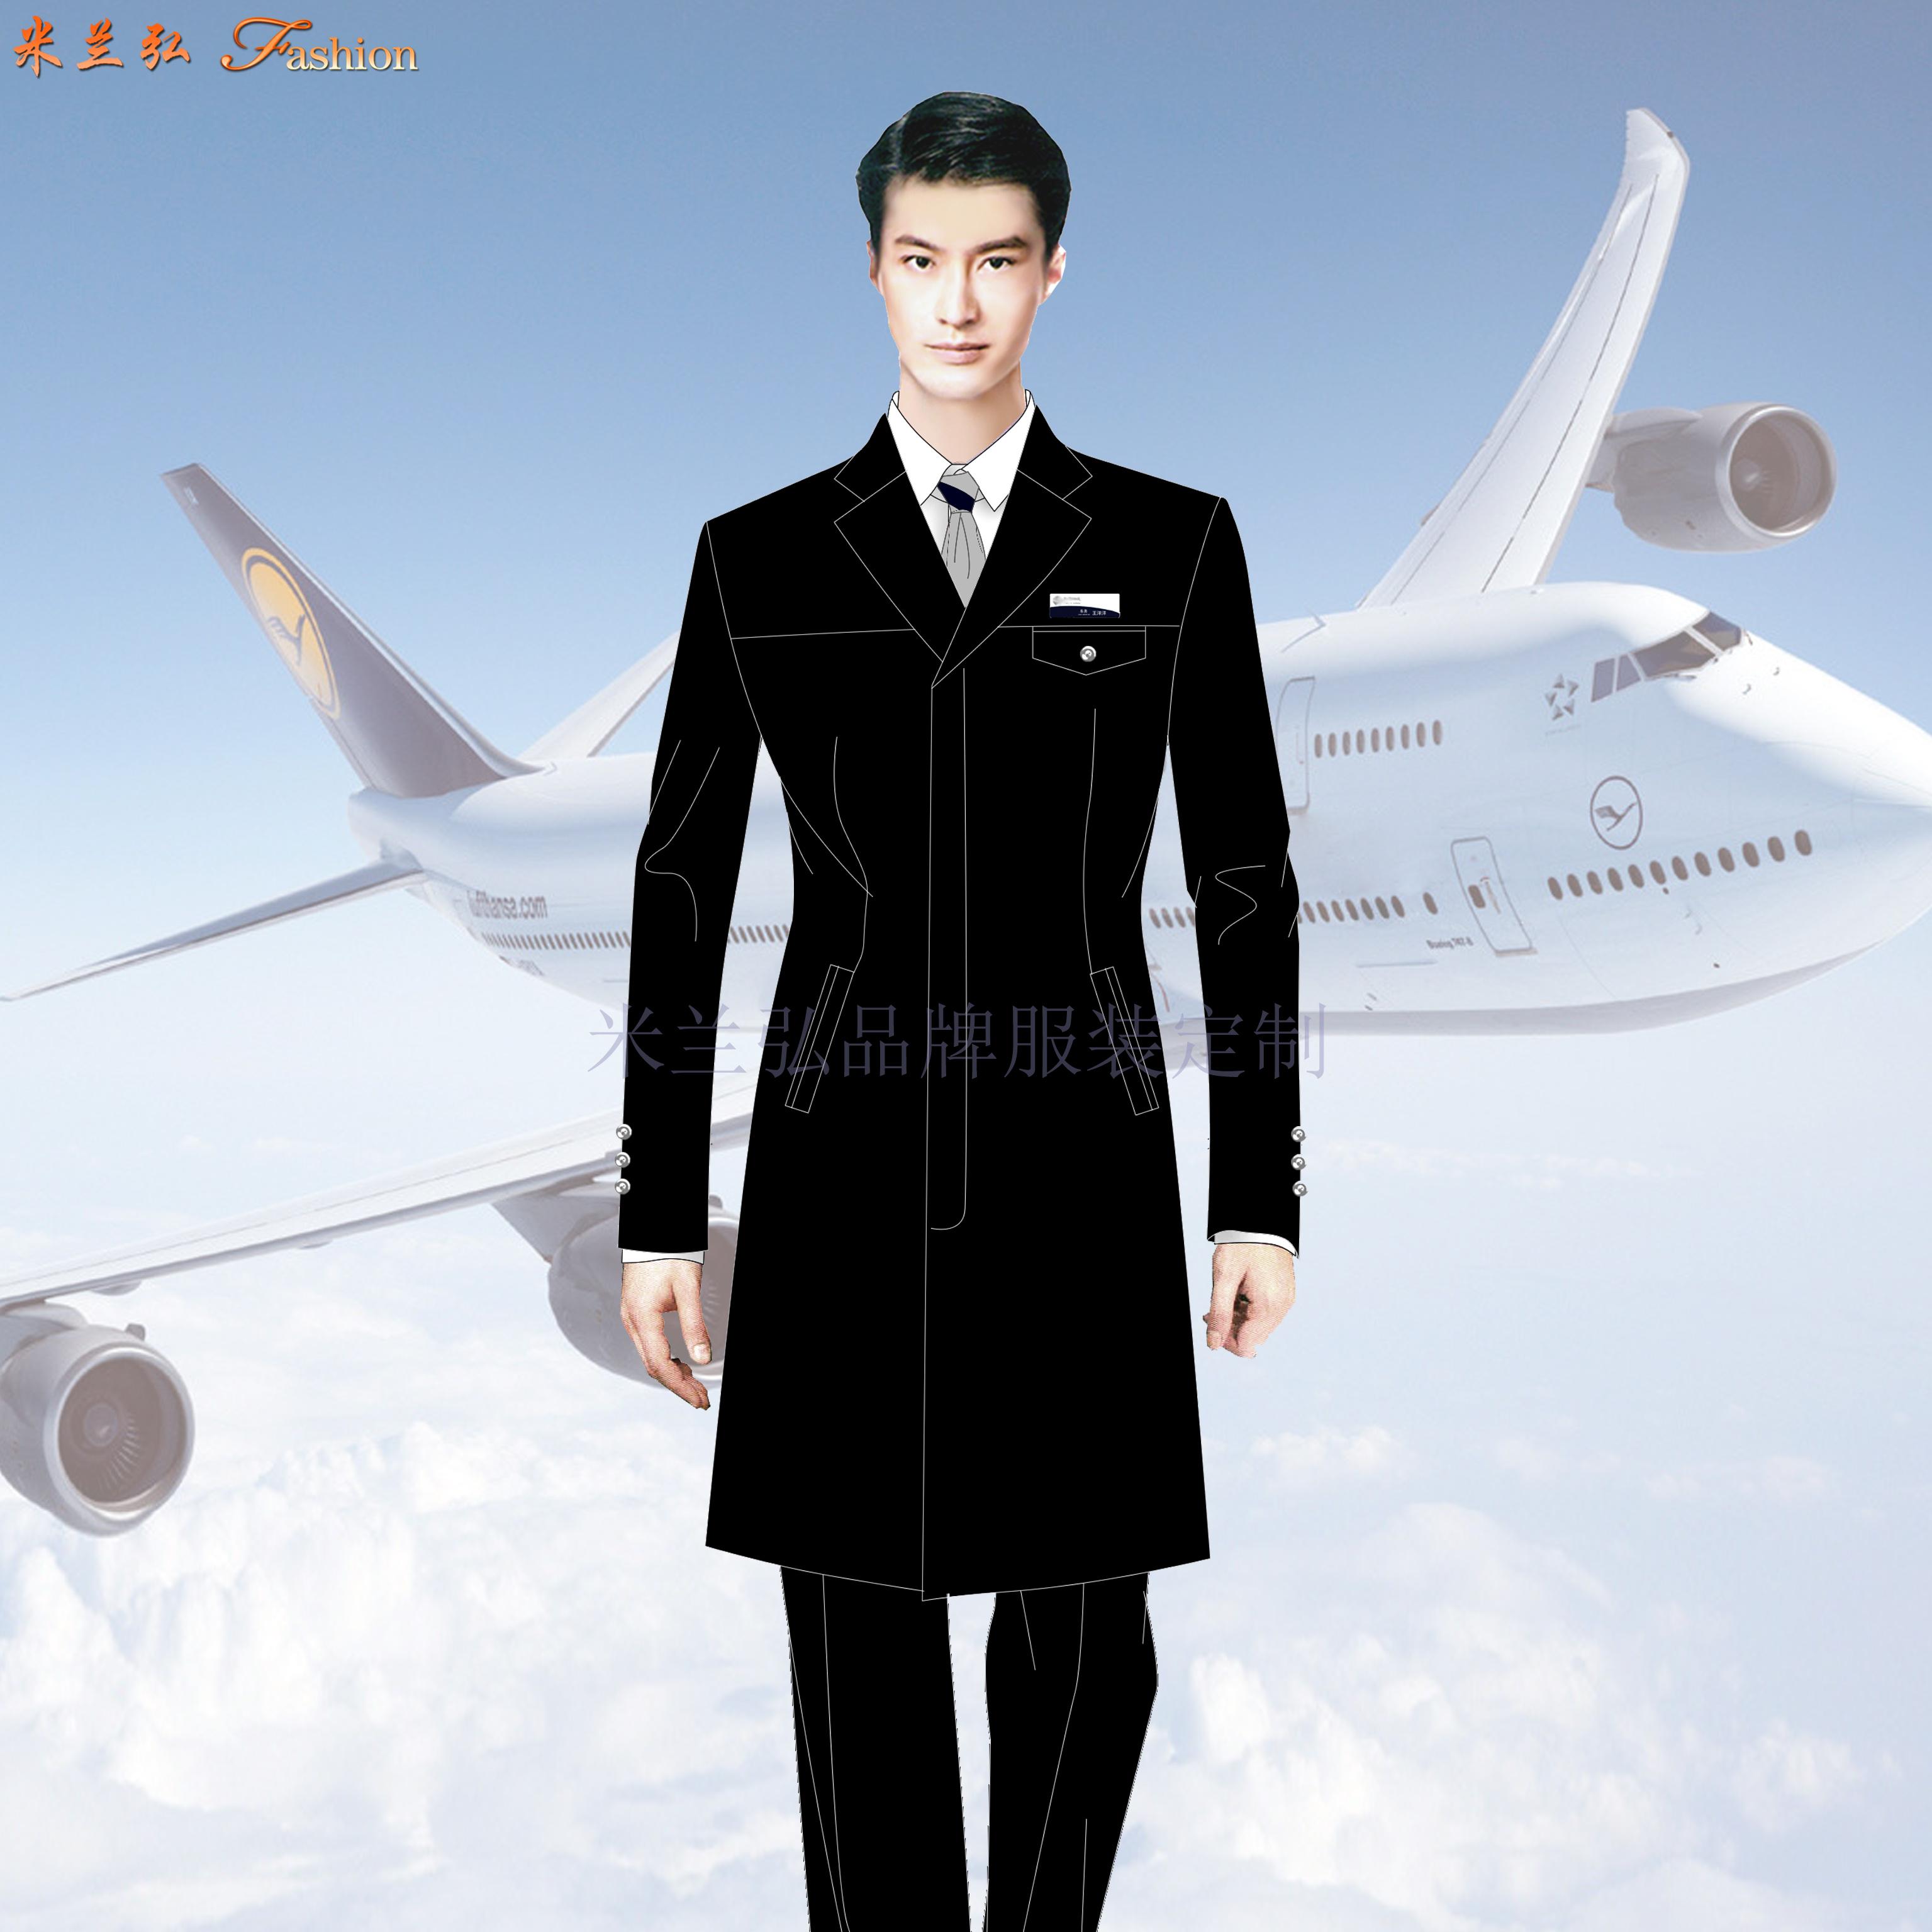 航空公司机长大衣定做_空姐服大衣定制_飞机空乘服大衣订制-1